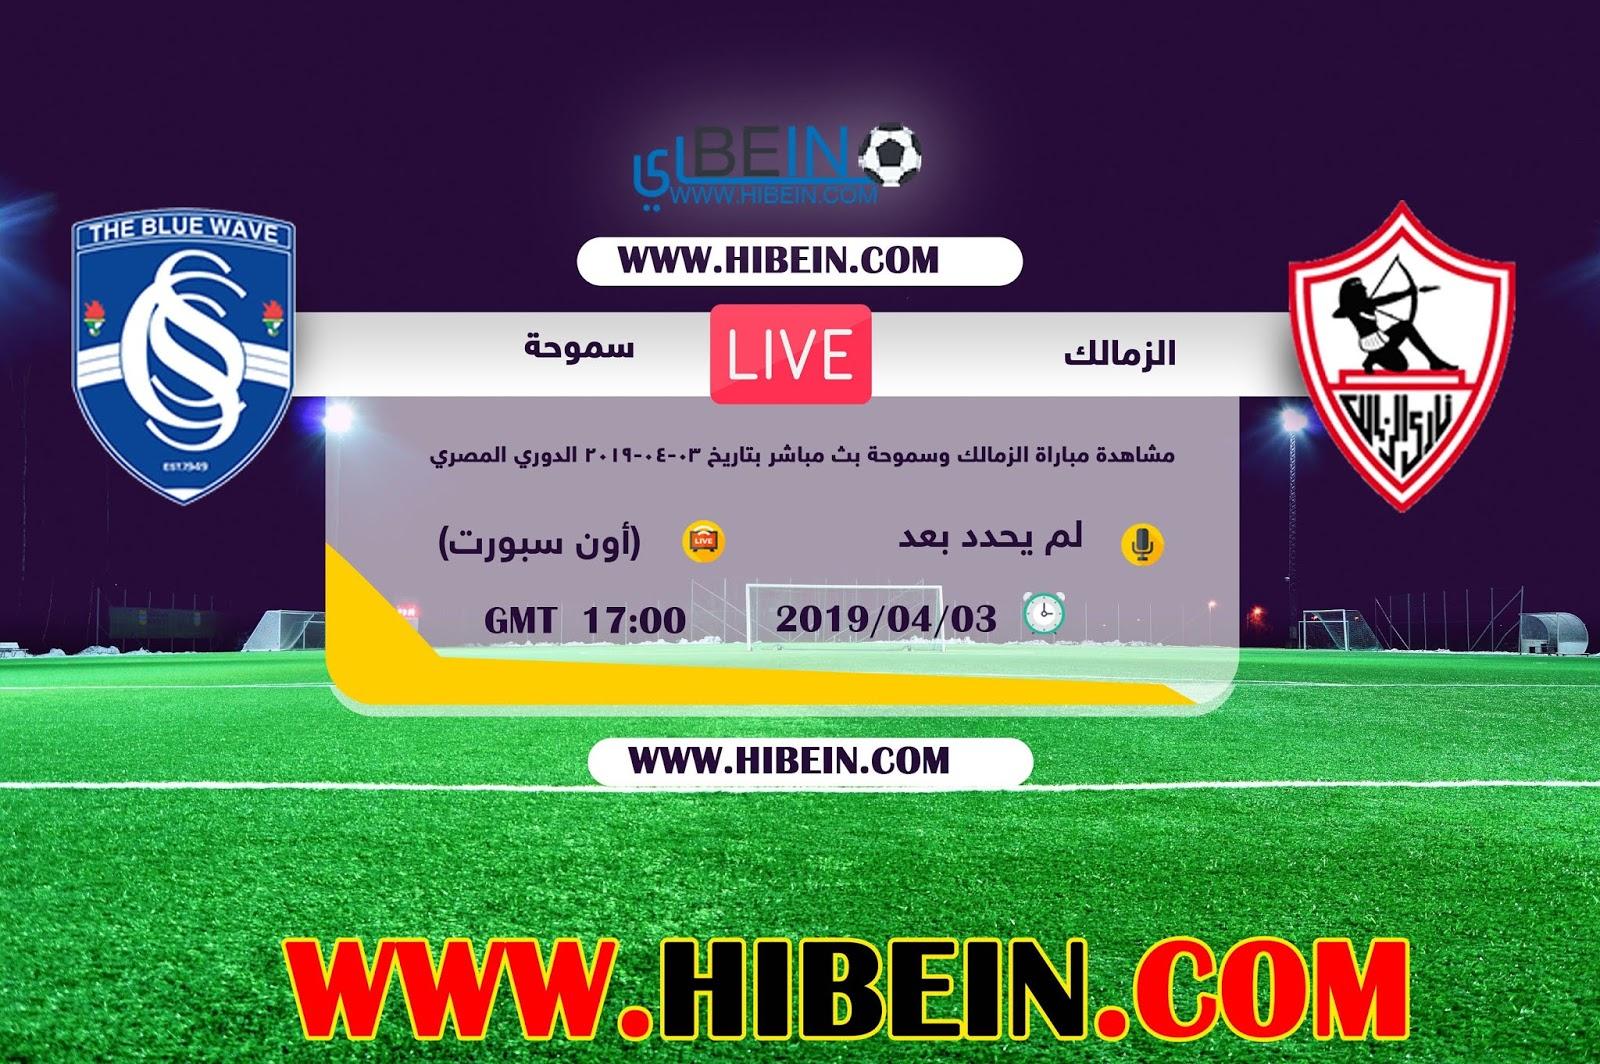 مشاهدة مباراة الزمالك وسموحة بث مباشر بتاريخ 03 04 2019 الدوري المصري